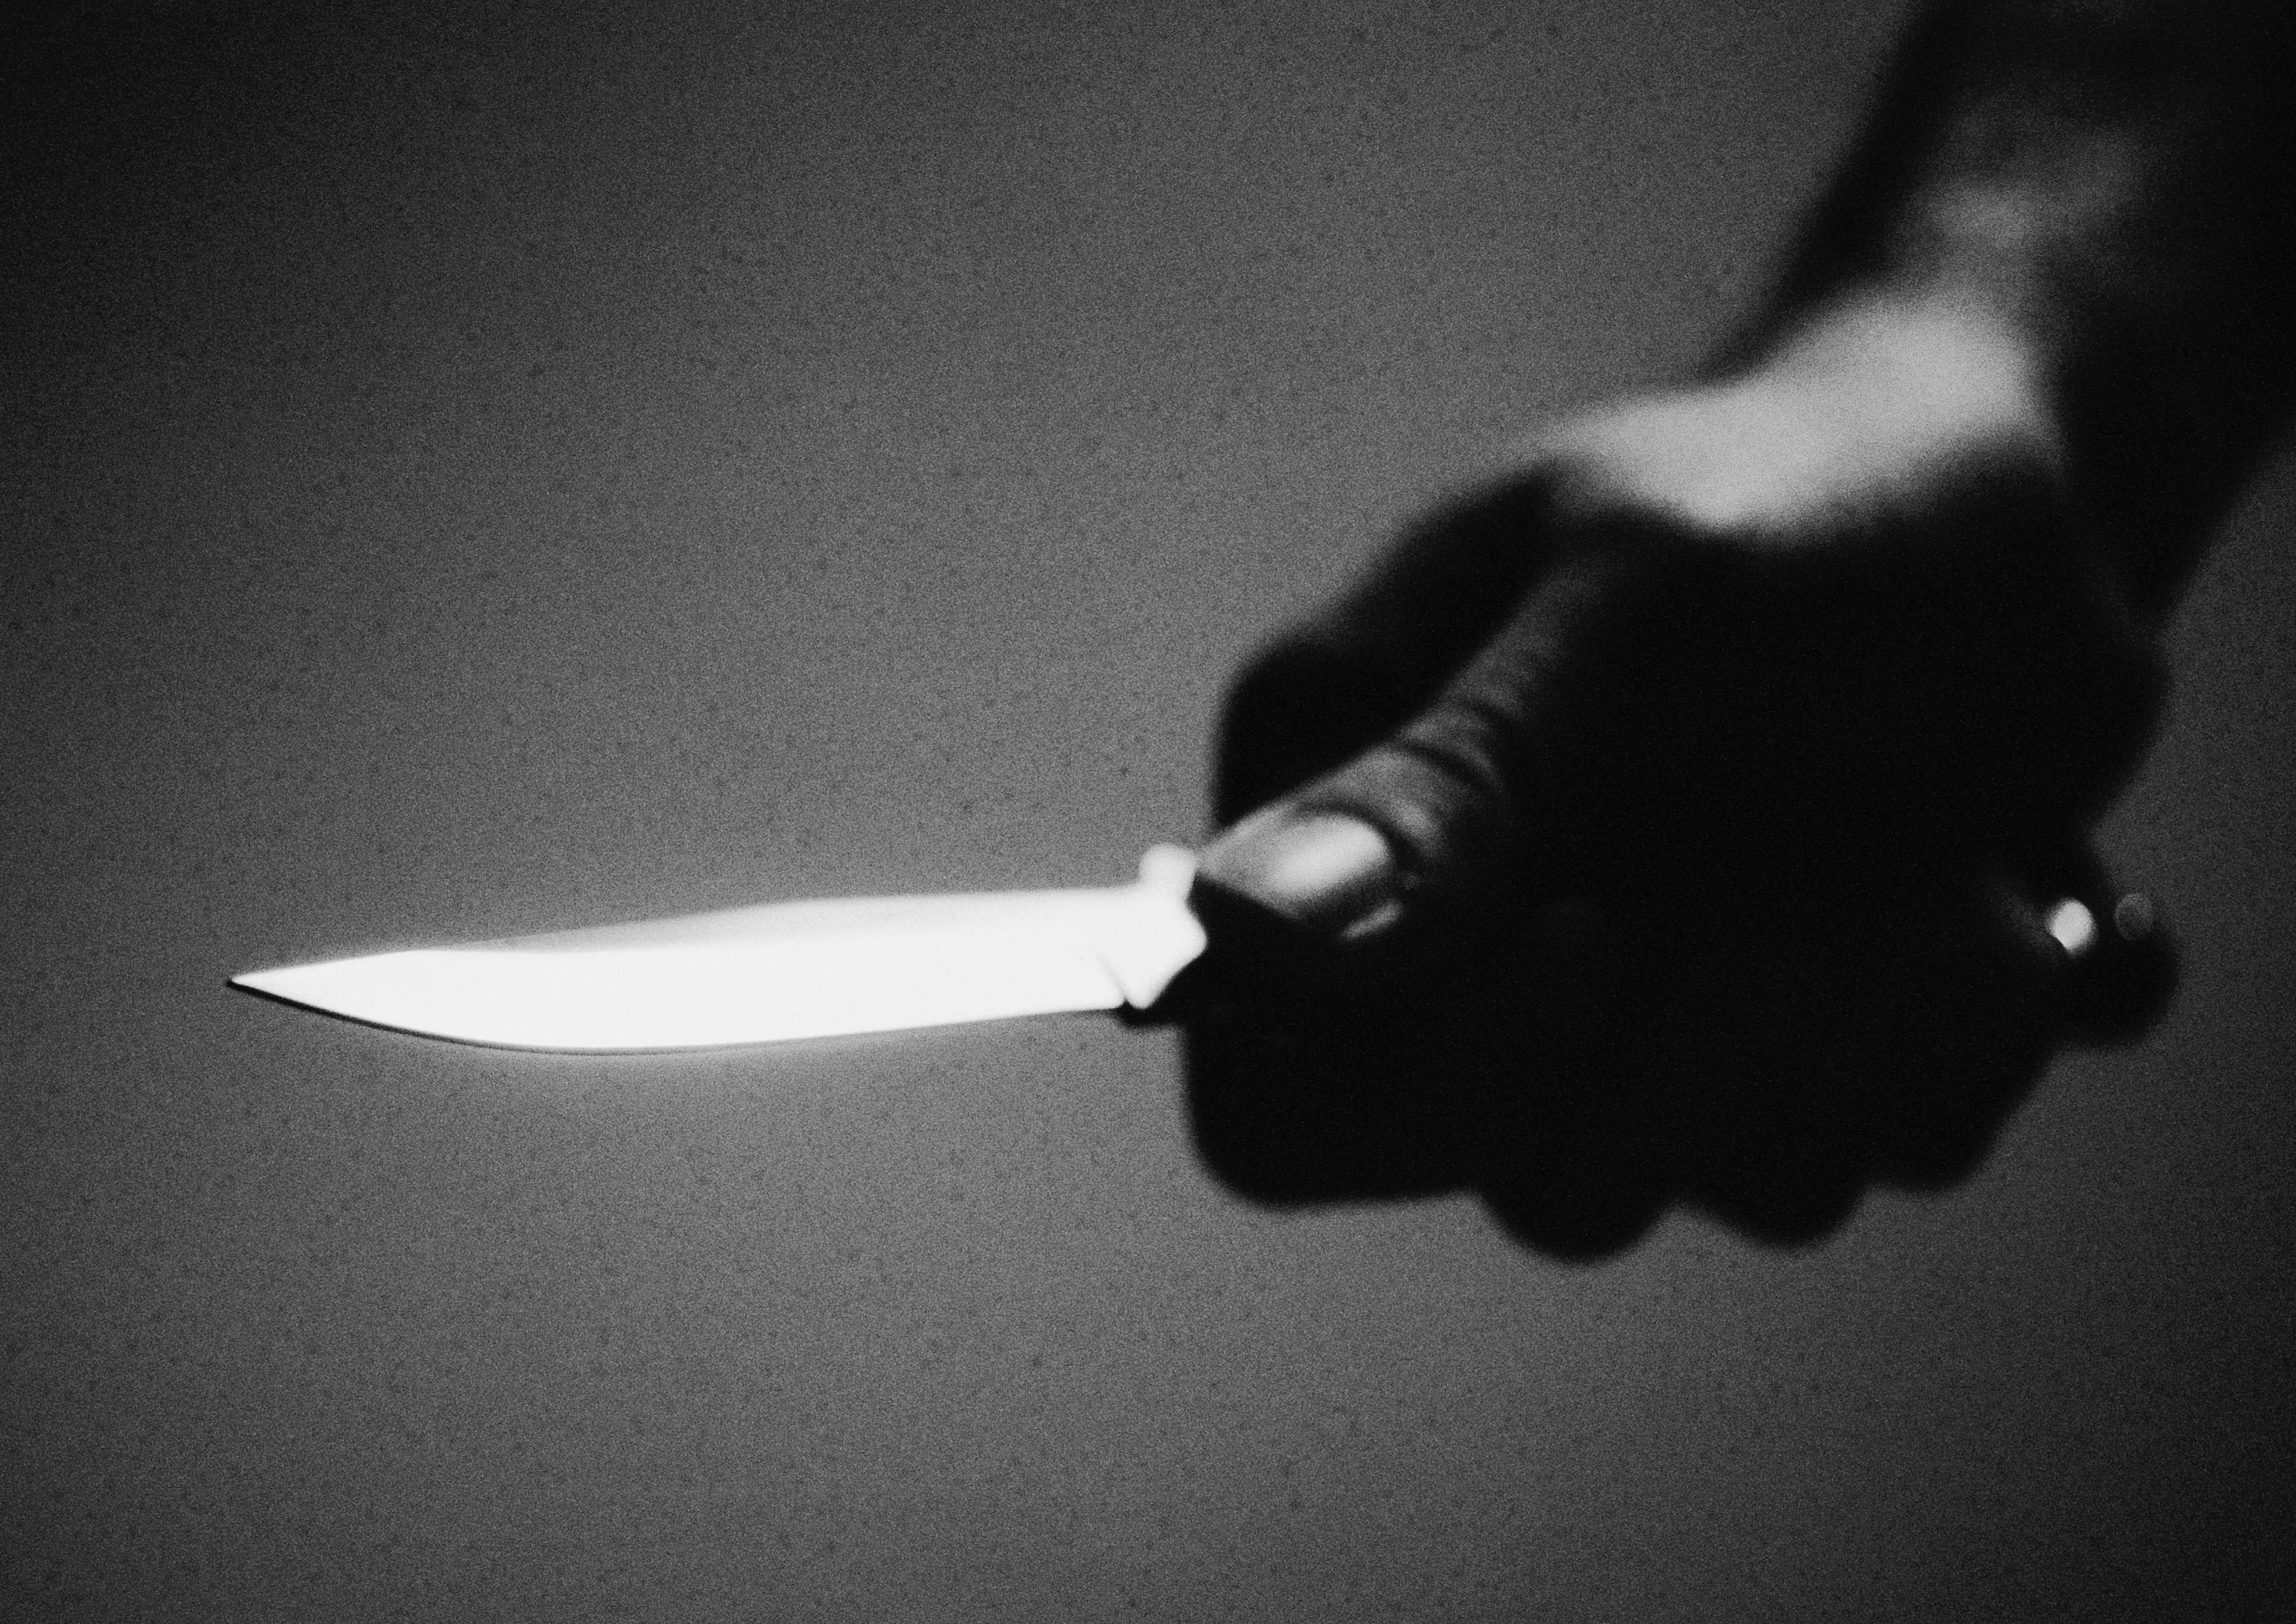 """Proxenet român, ucis într-o închisoare din Spania cu 29 de lovituri de cuțit, într-o """"pedeapsă exemplară"""""""